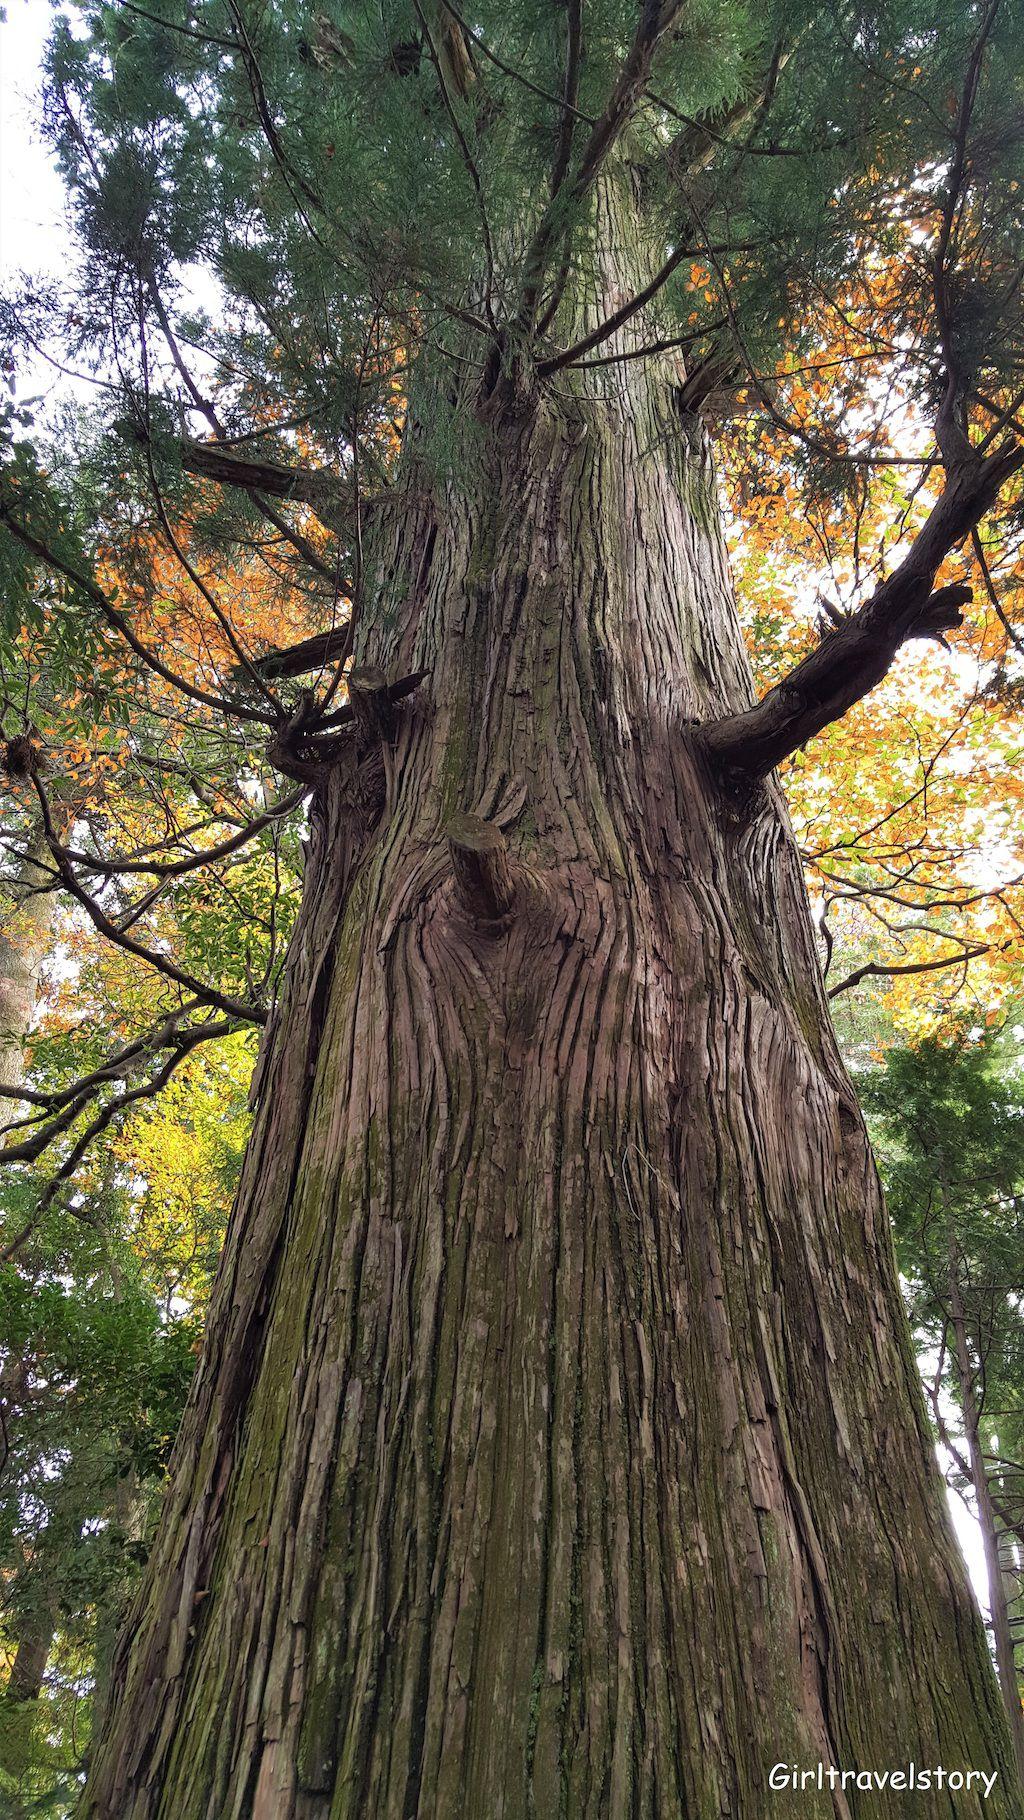 เคเบิลคาร์ญี่ปุ่น ชมใบไม้เปลี่ยนสี ที่ Mt.Takao ใกล้โตเกียว แถมได้ดูฟูจิซังด้วย